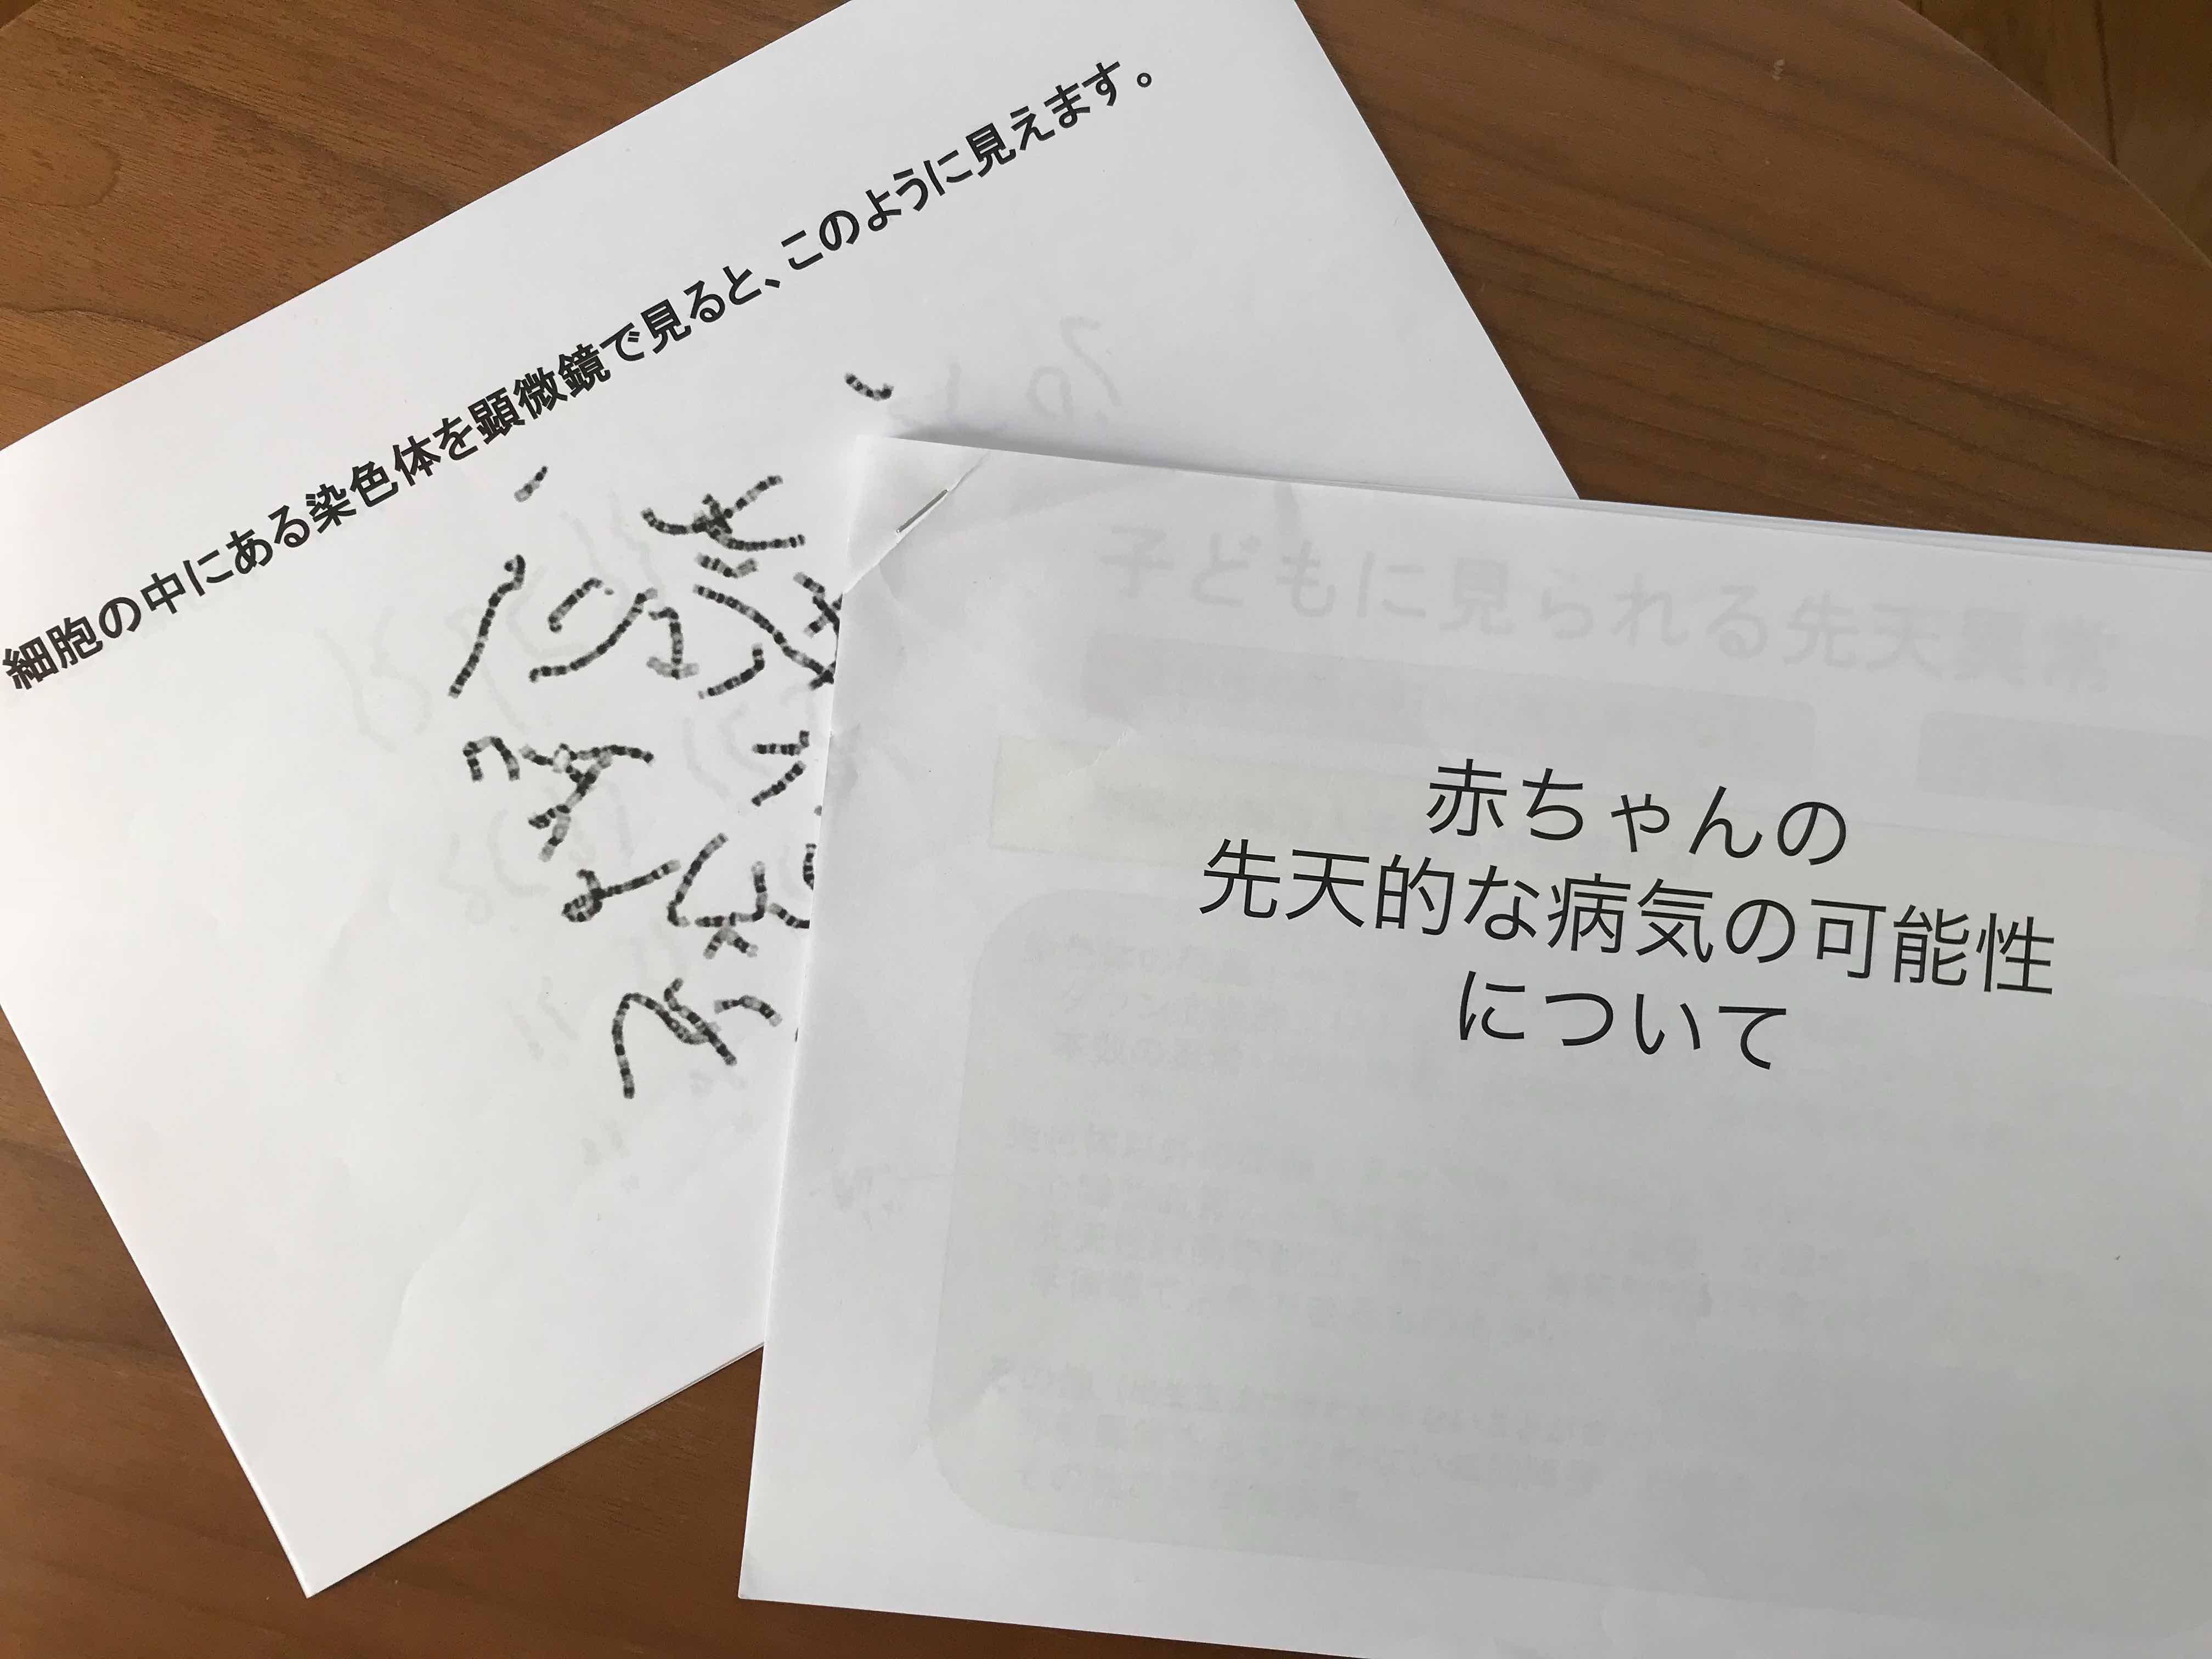 FMC東京クリニック、コンバインド検査